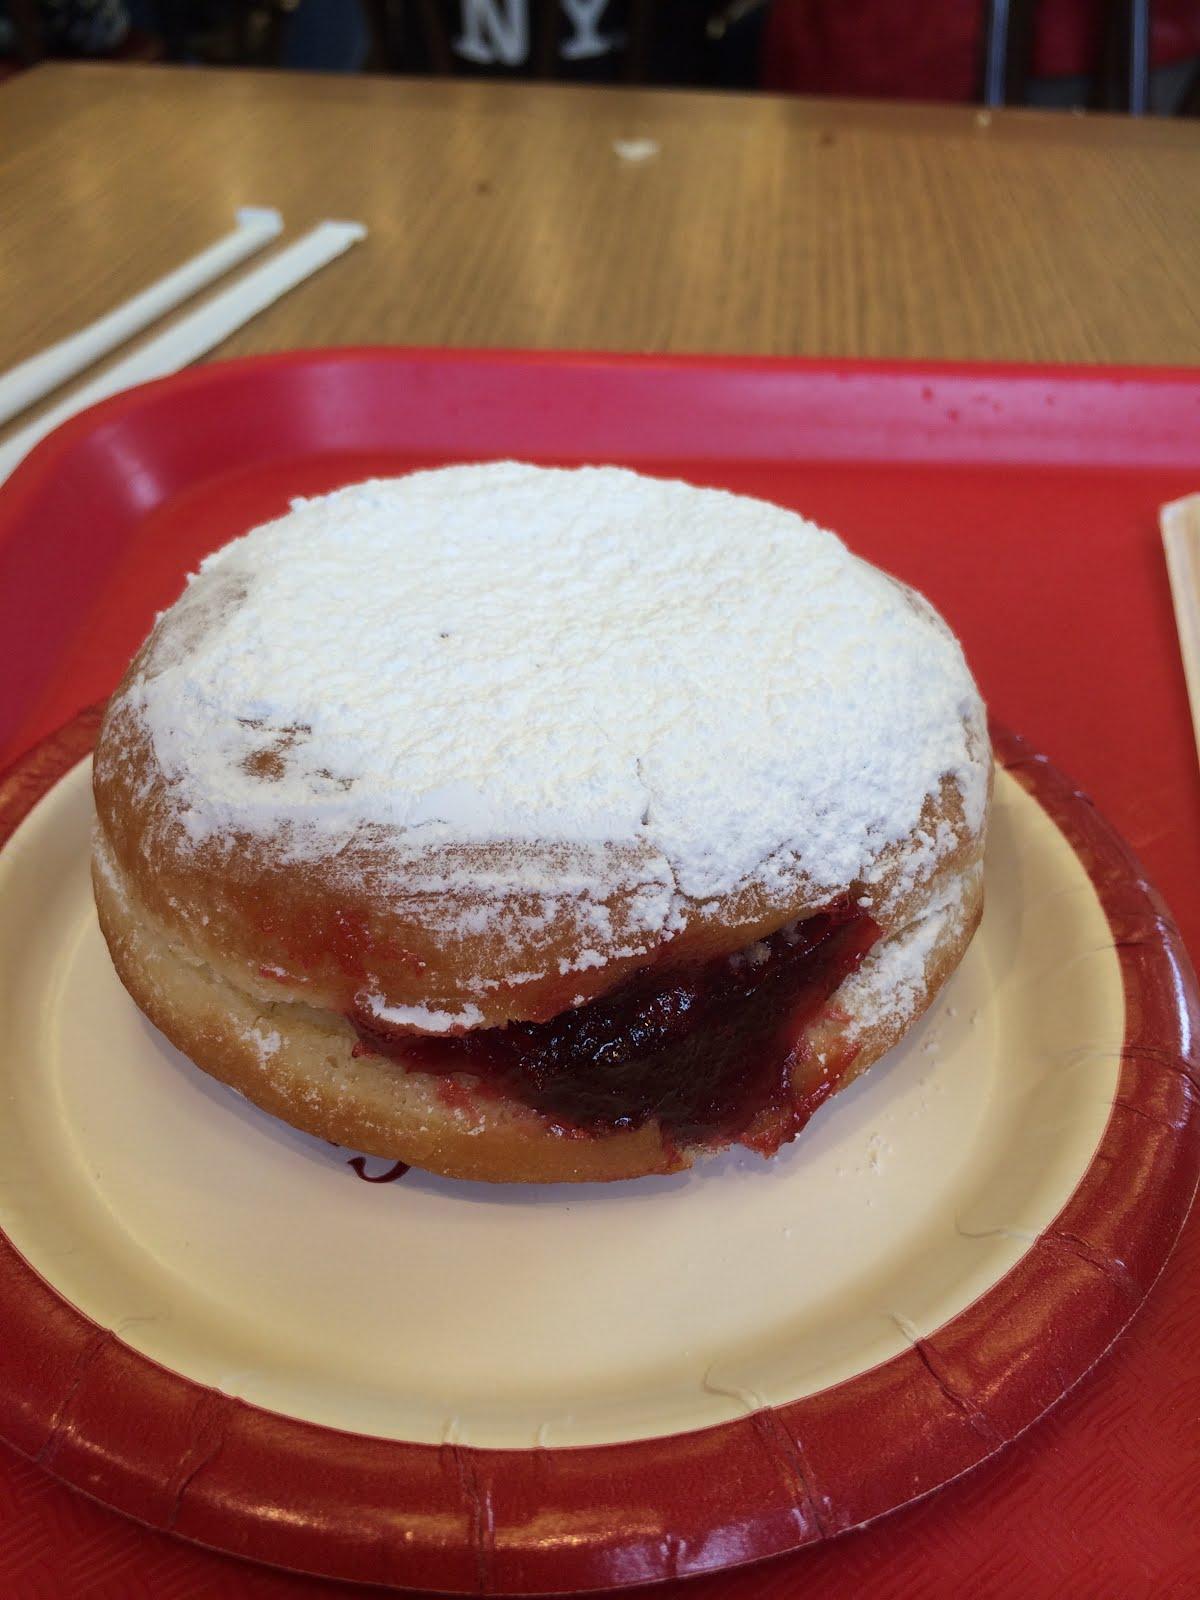 Biggest. Doughnut. Ever. -